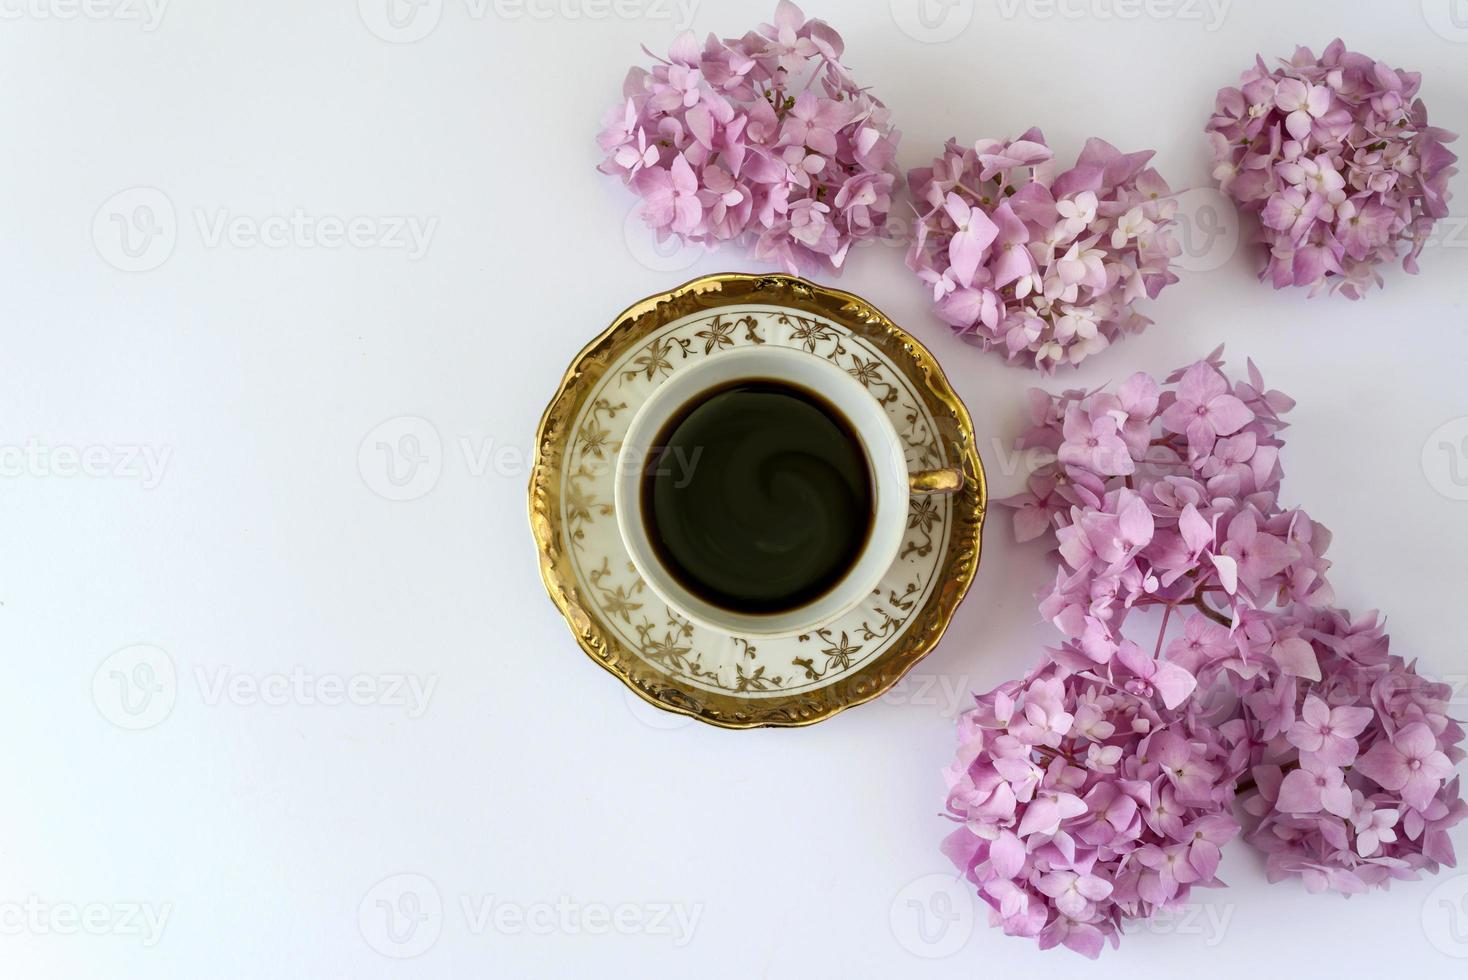 tasse de café, sur fond blanc avec des fleurs, photo